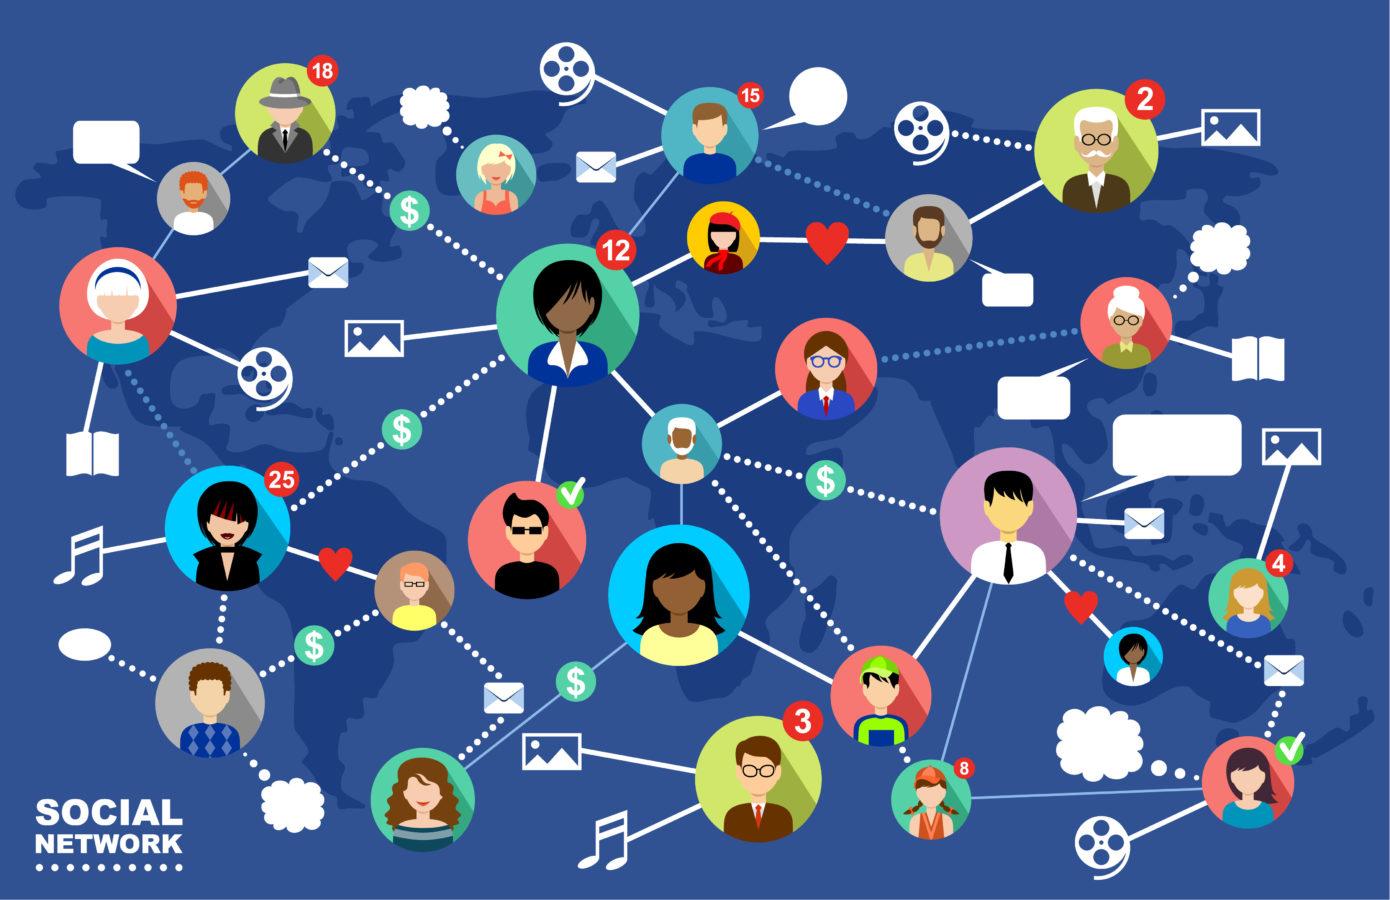 « La communication externe, un rôle essentiel pour l'entreprise. »